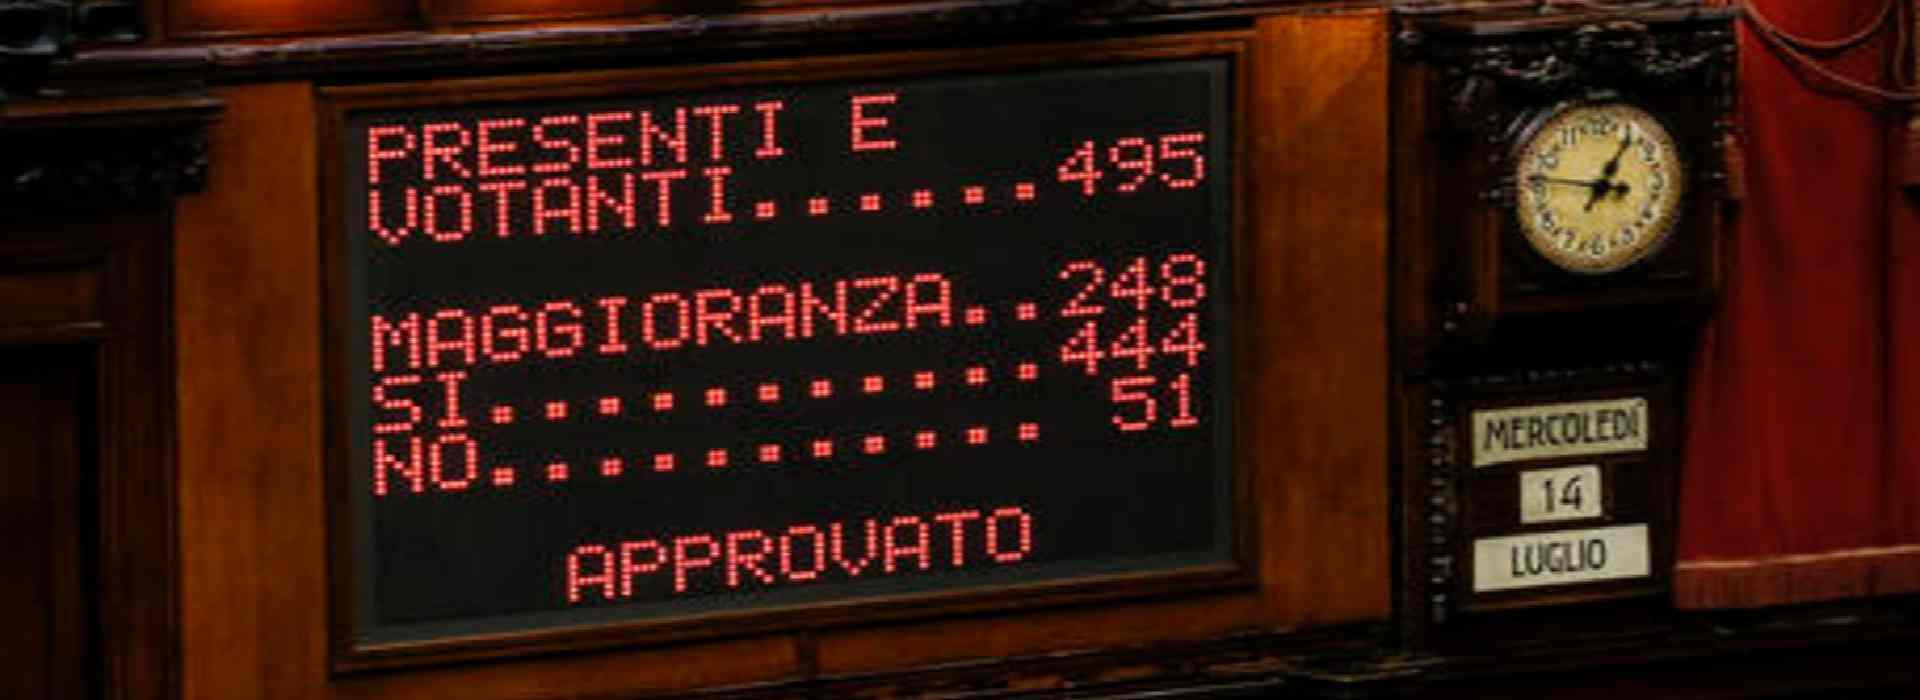 Sostegni-bis: la manina di Lega e Forza Italia che salva le banche